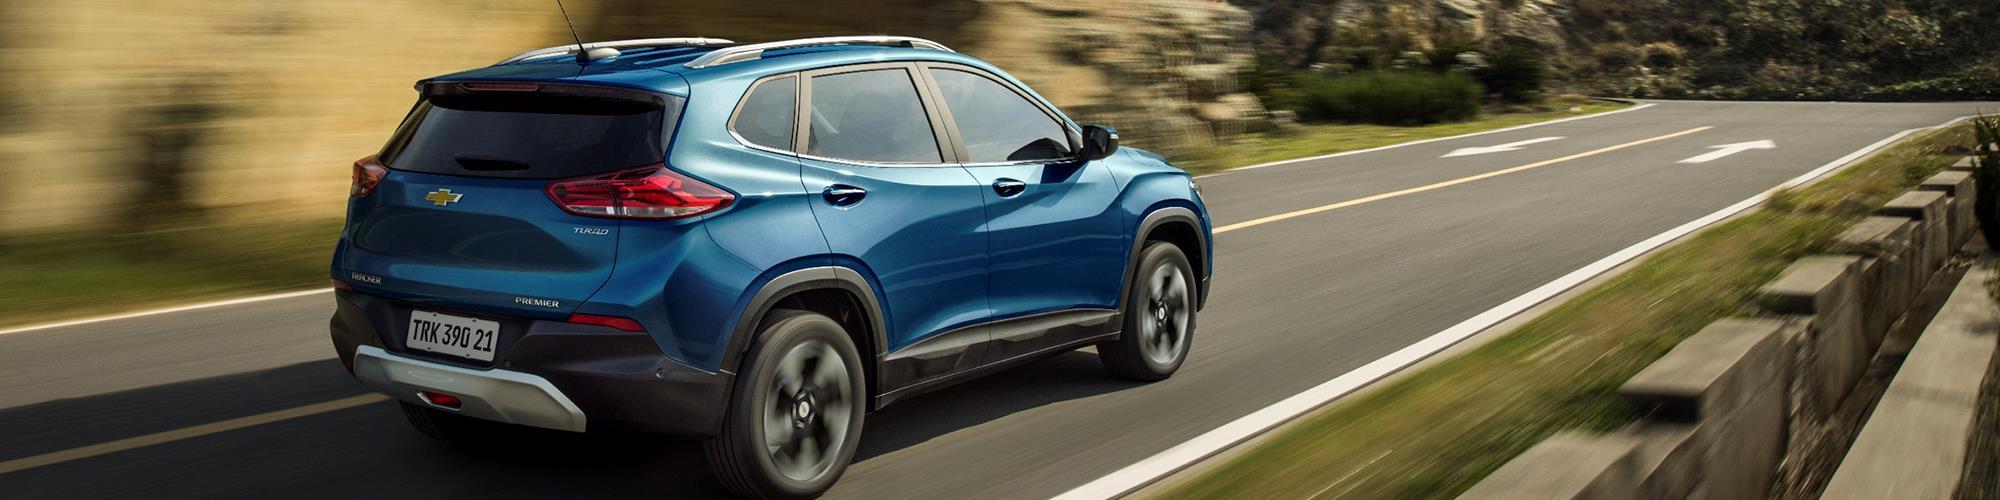 Los detalles detrás de la nueva Chevrolet Tracker